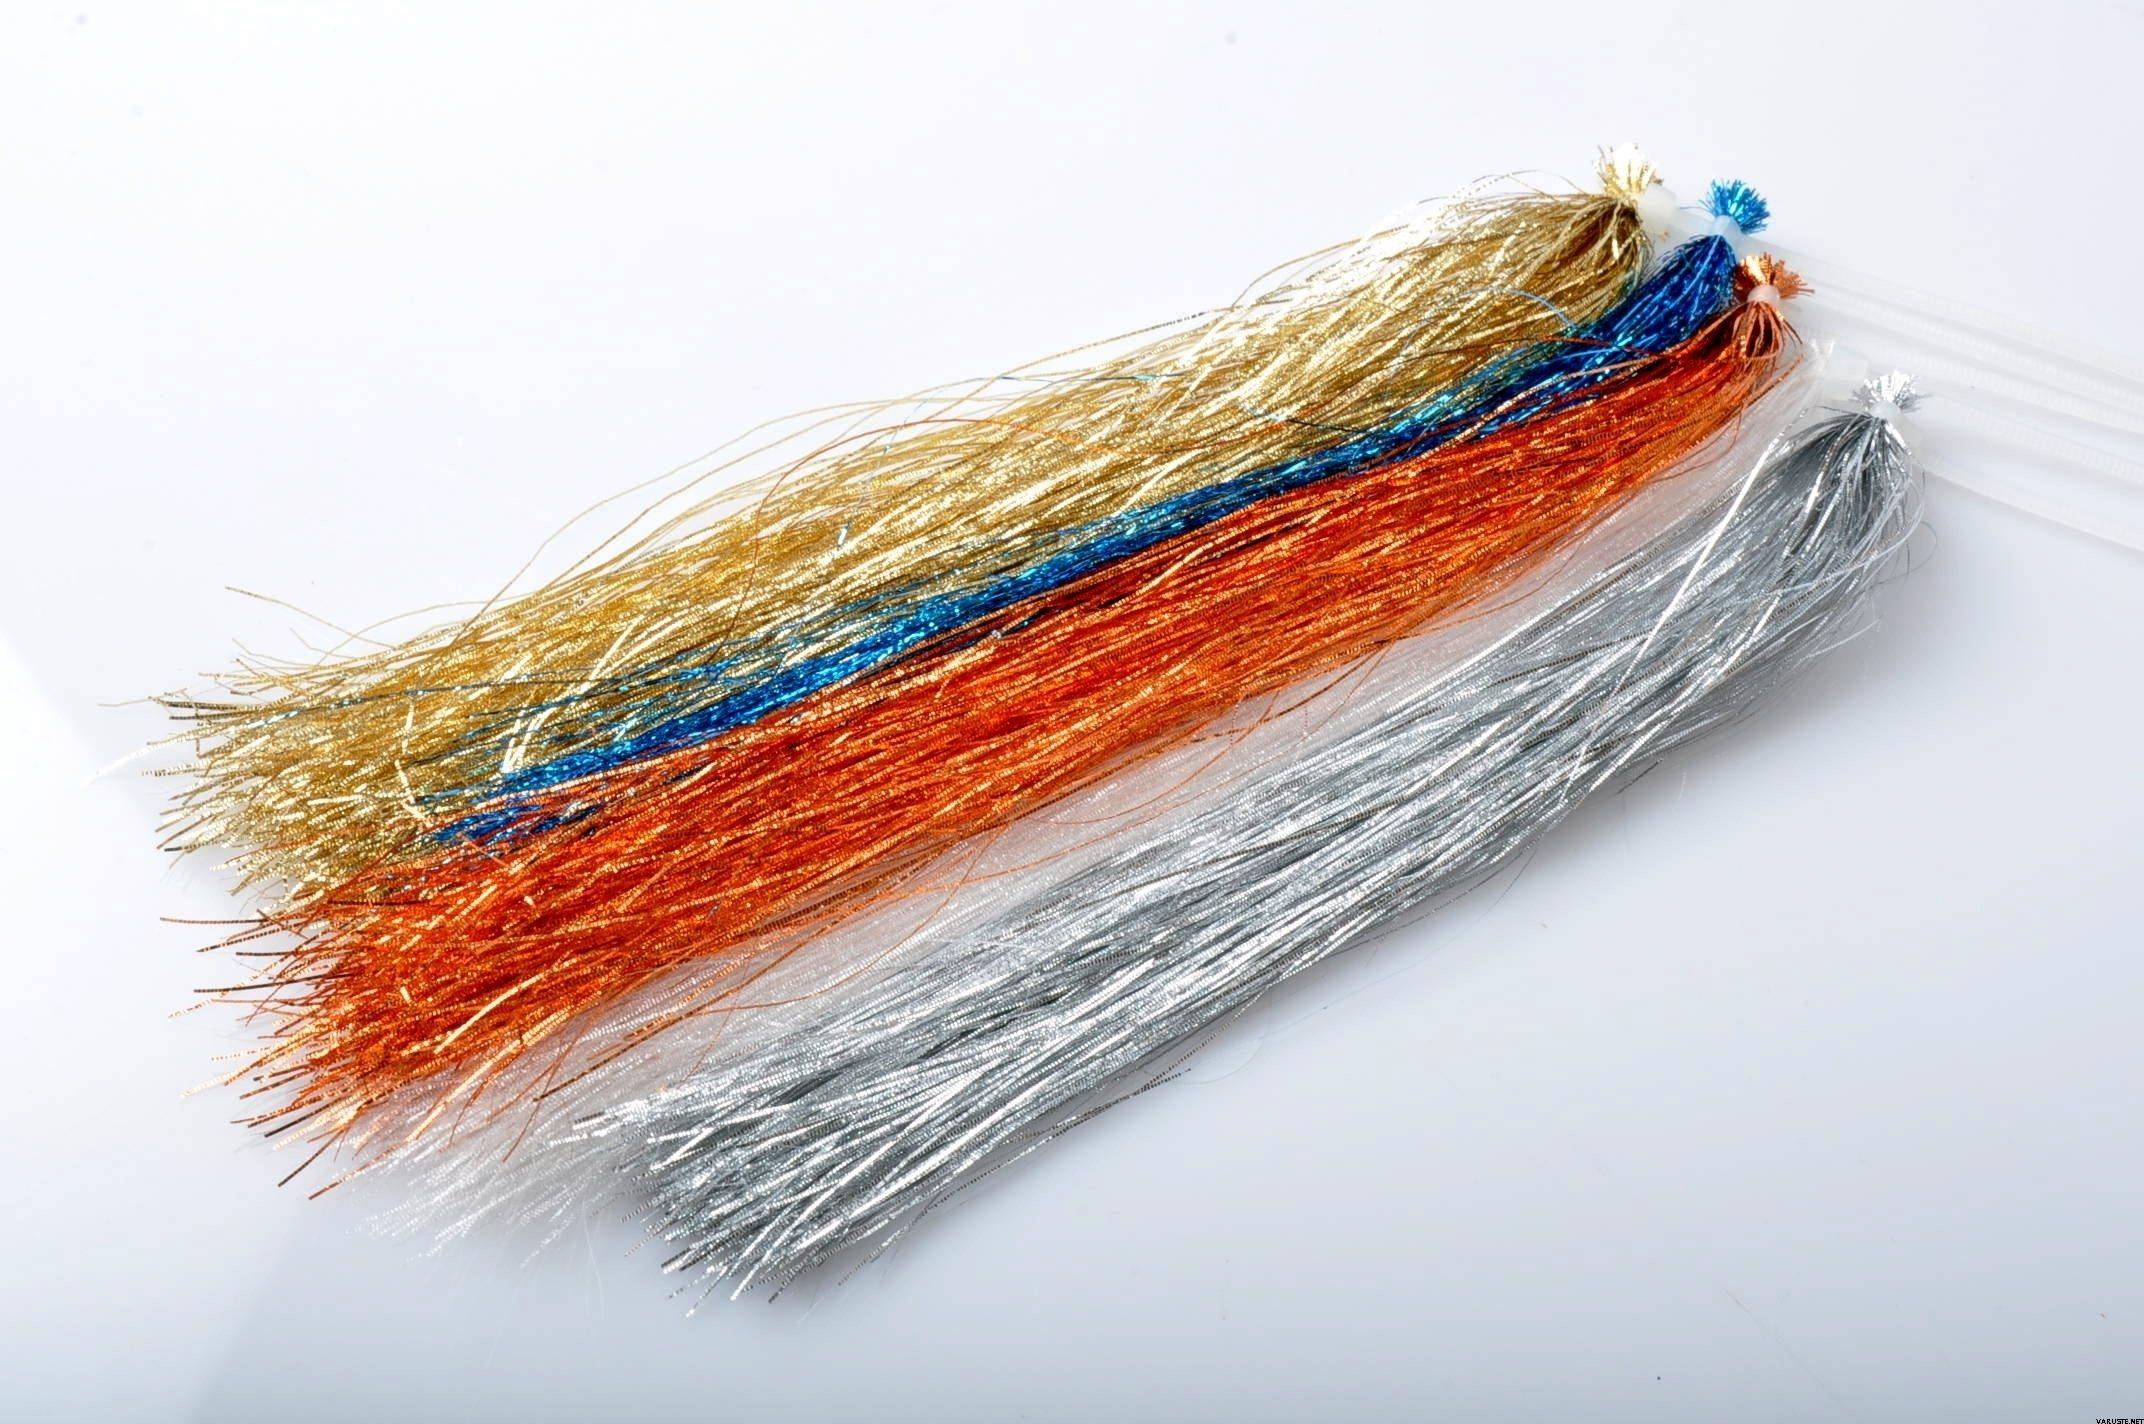 Синтетический материал для вязания мушек